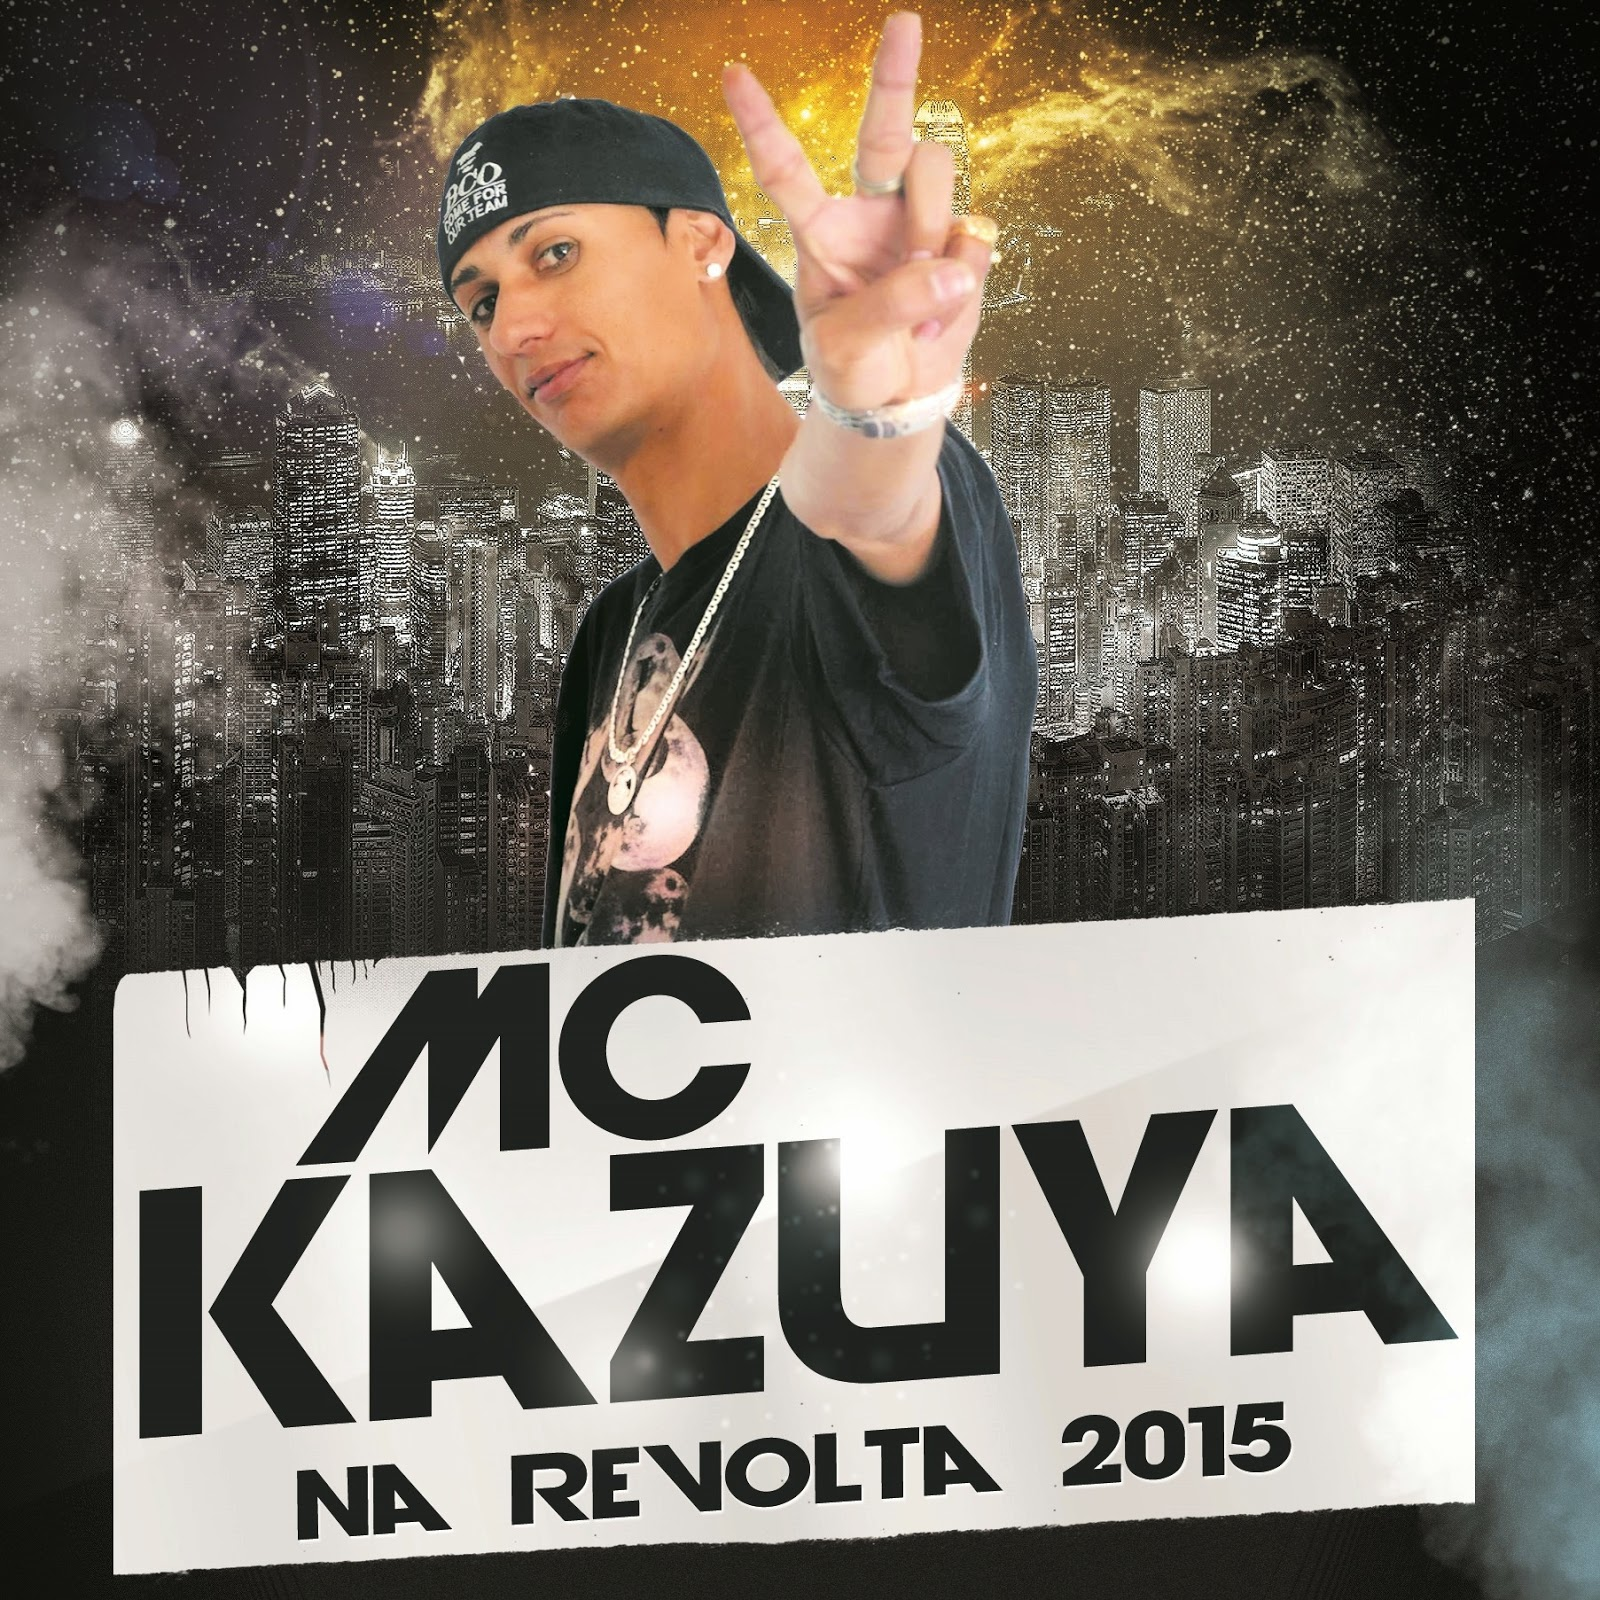 KAZUYA BAIXAR PARA MC